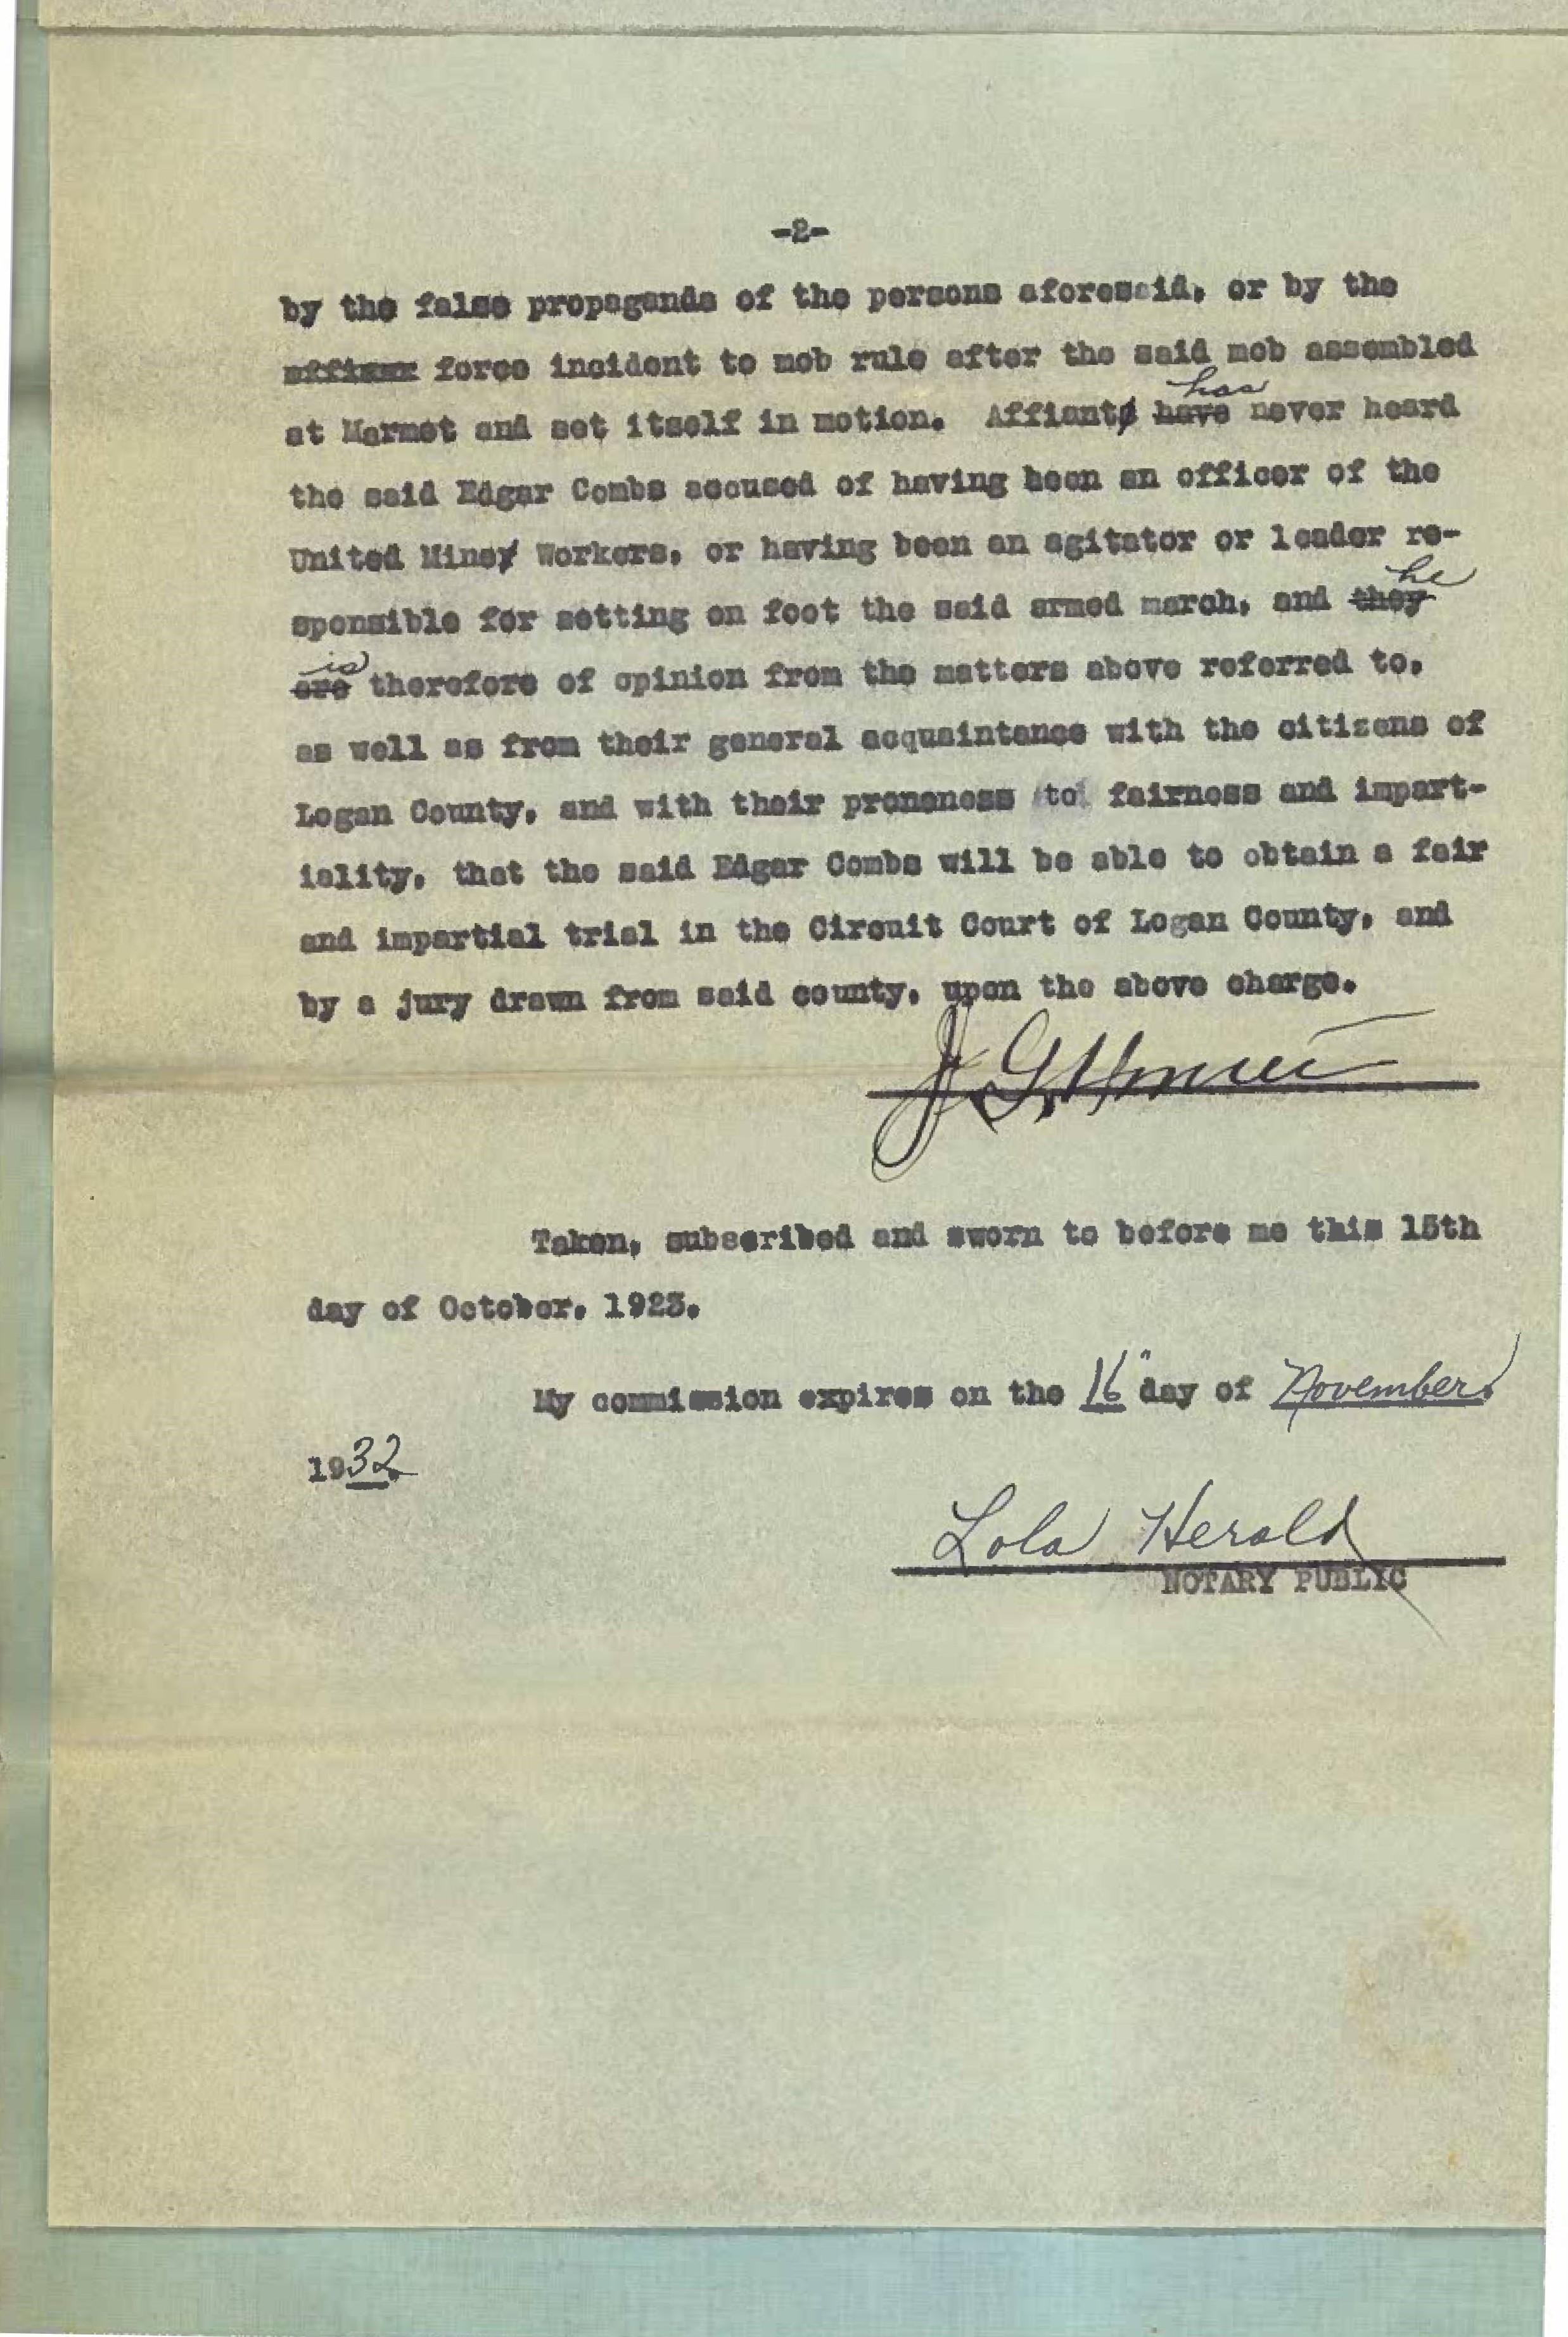 Document 3-2